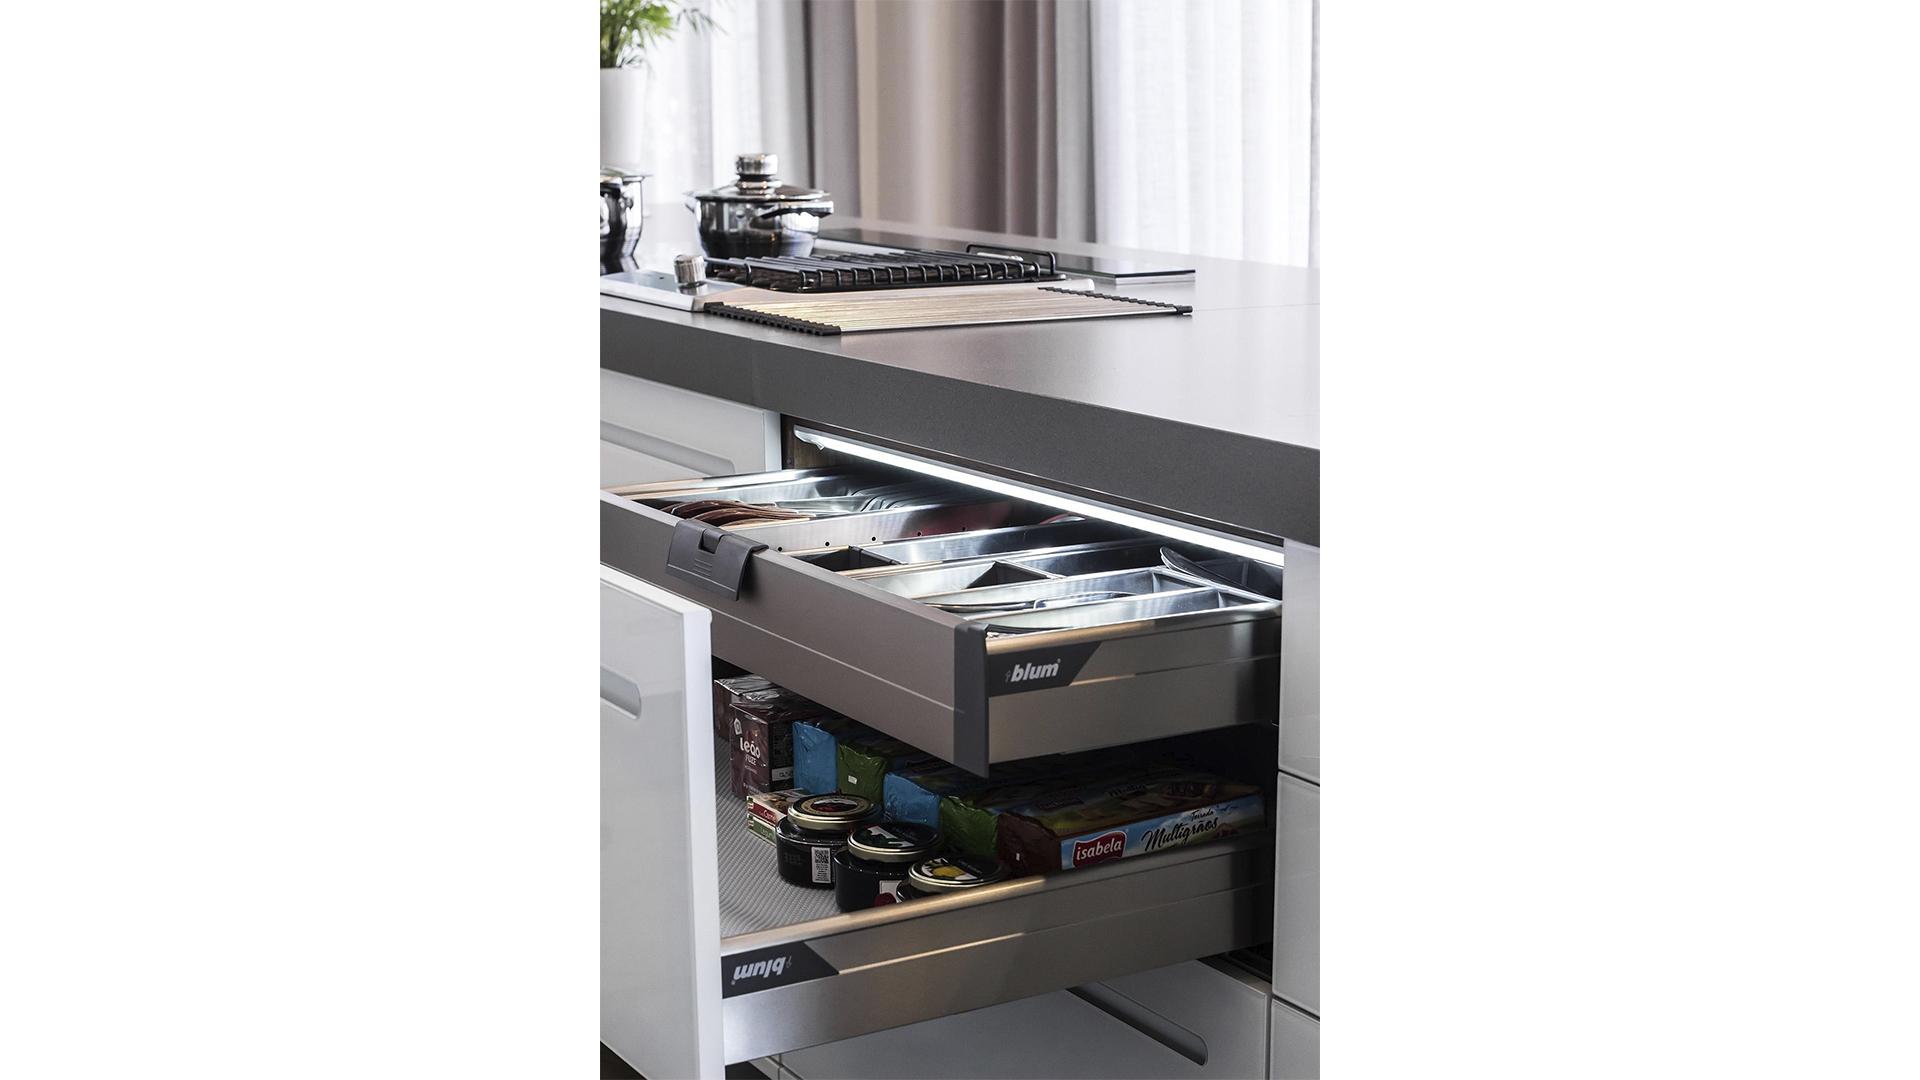 A linha Orga-line pode ser usada em gavetas para organizar acessórios